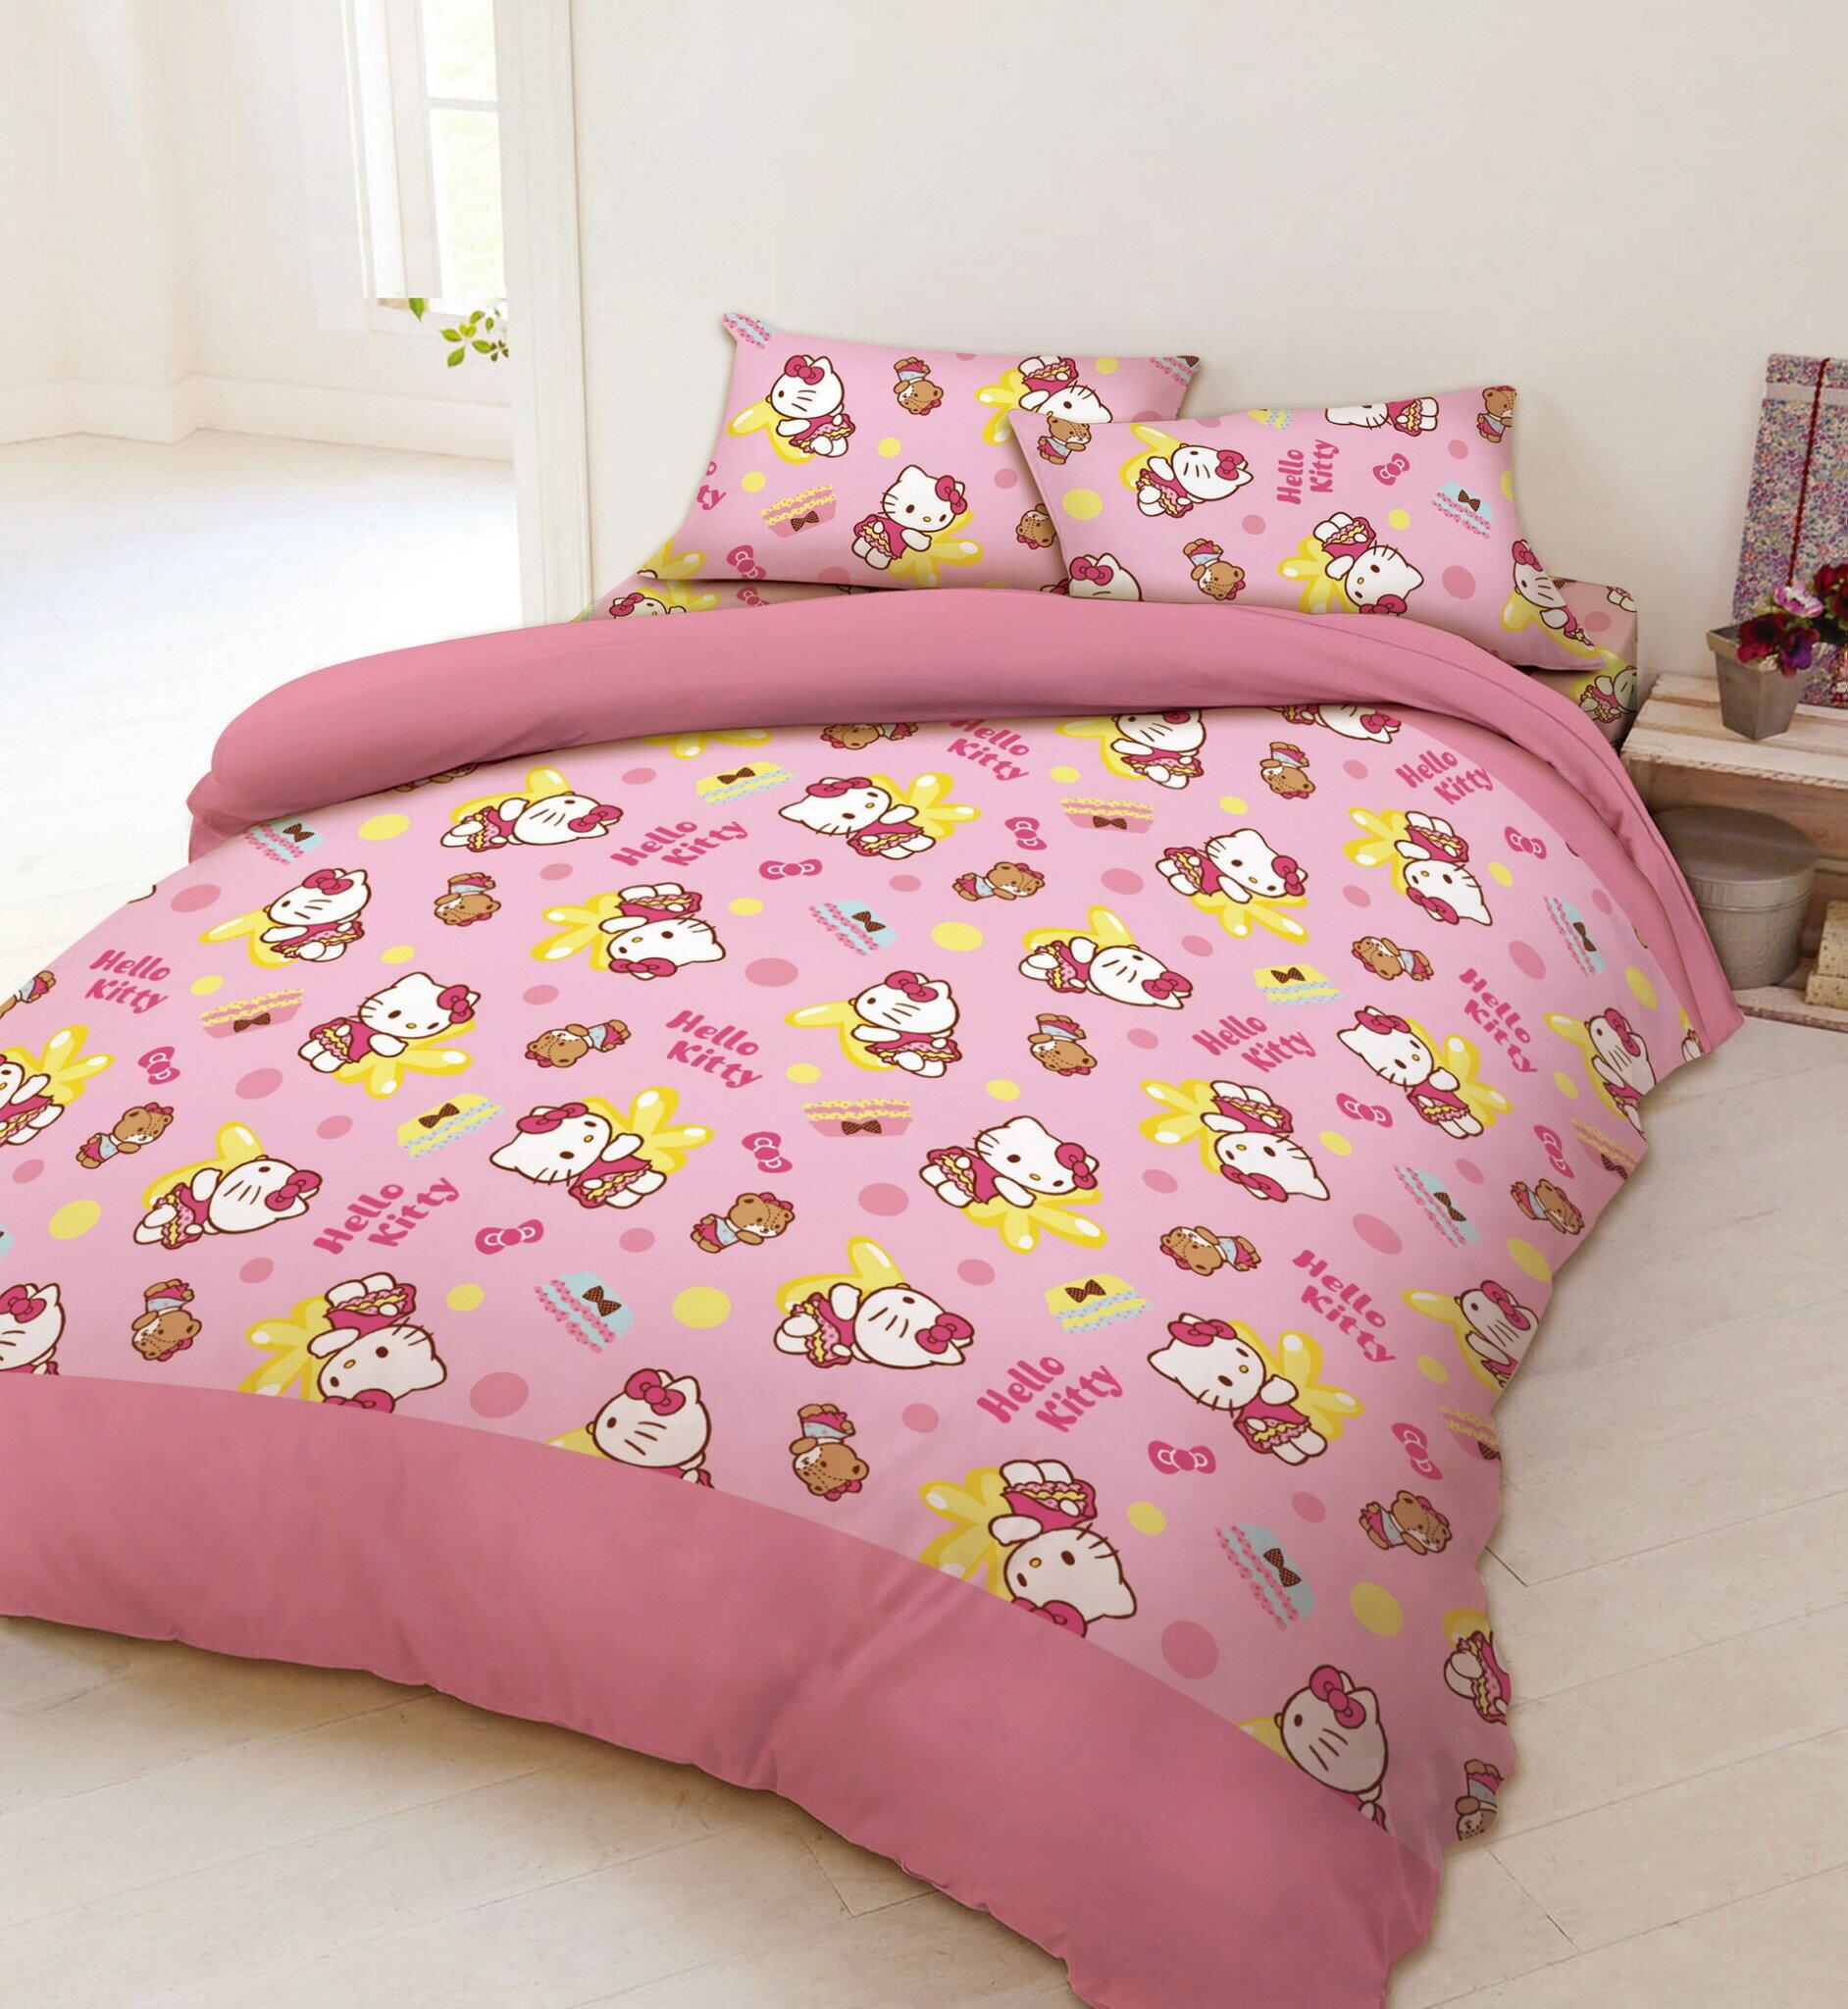 【嫁妝寢具】Hello-Kitty.雙人床包組【床包+枕套*2】台灣製造 .3件組.紅色/粉色2款任選